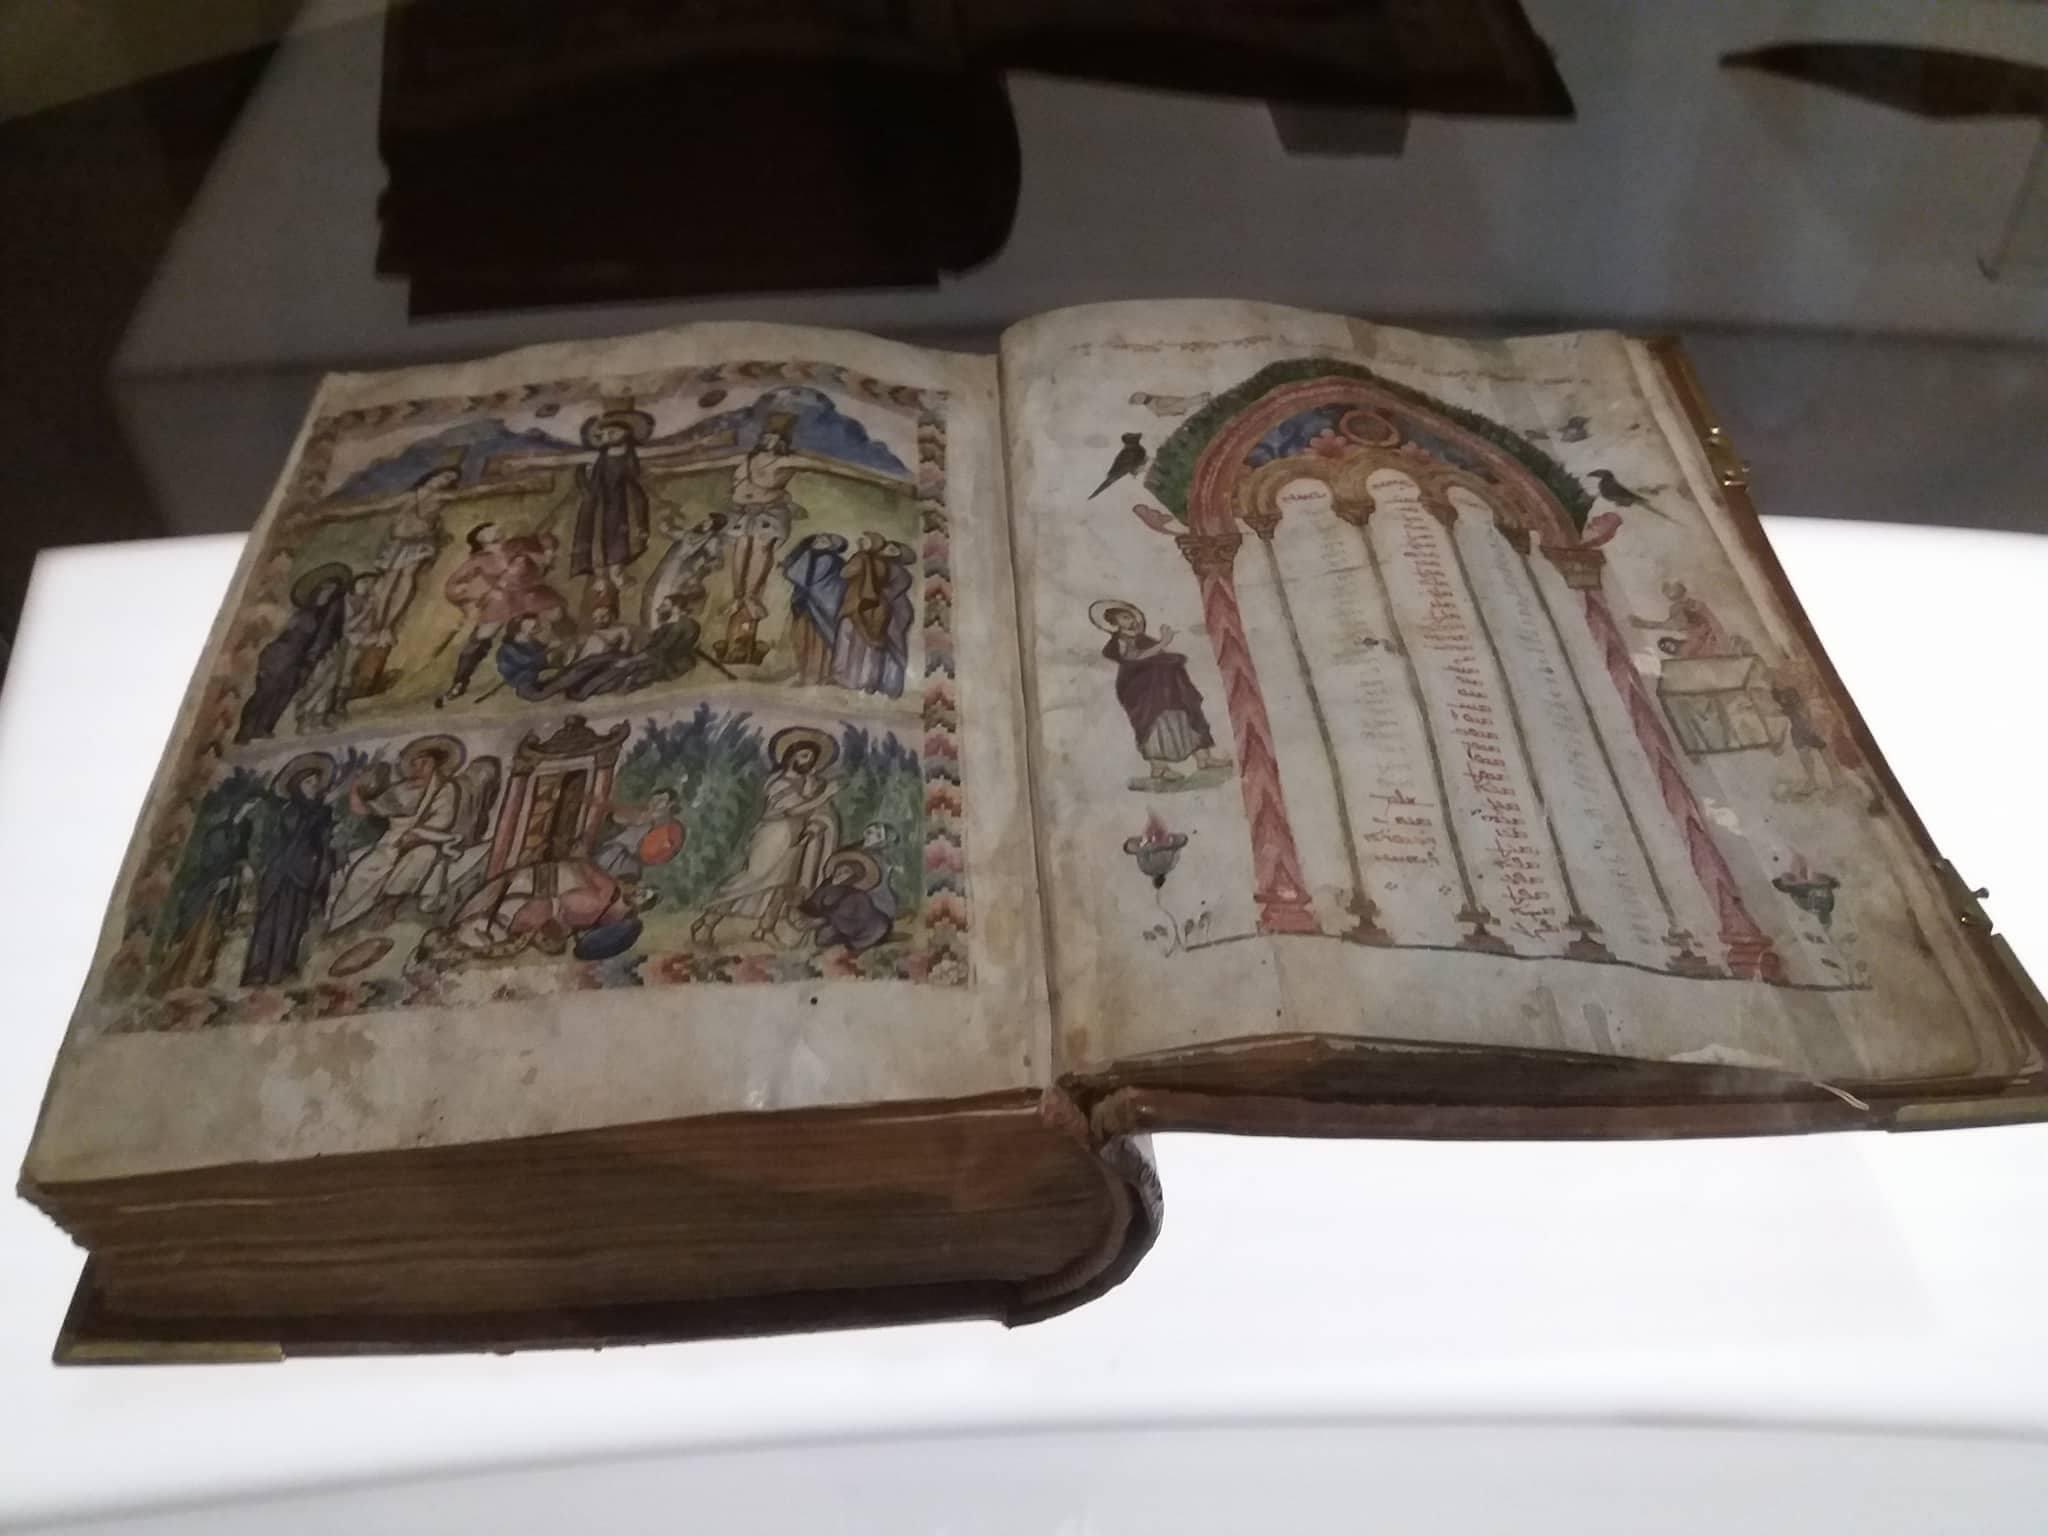 Евангелие Рабулы, сирийский манускрипт VIвека, выставлено в Европе впервые